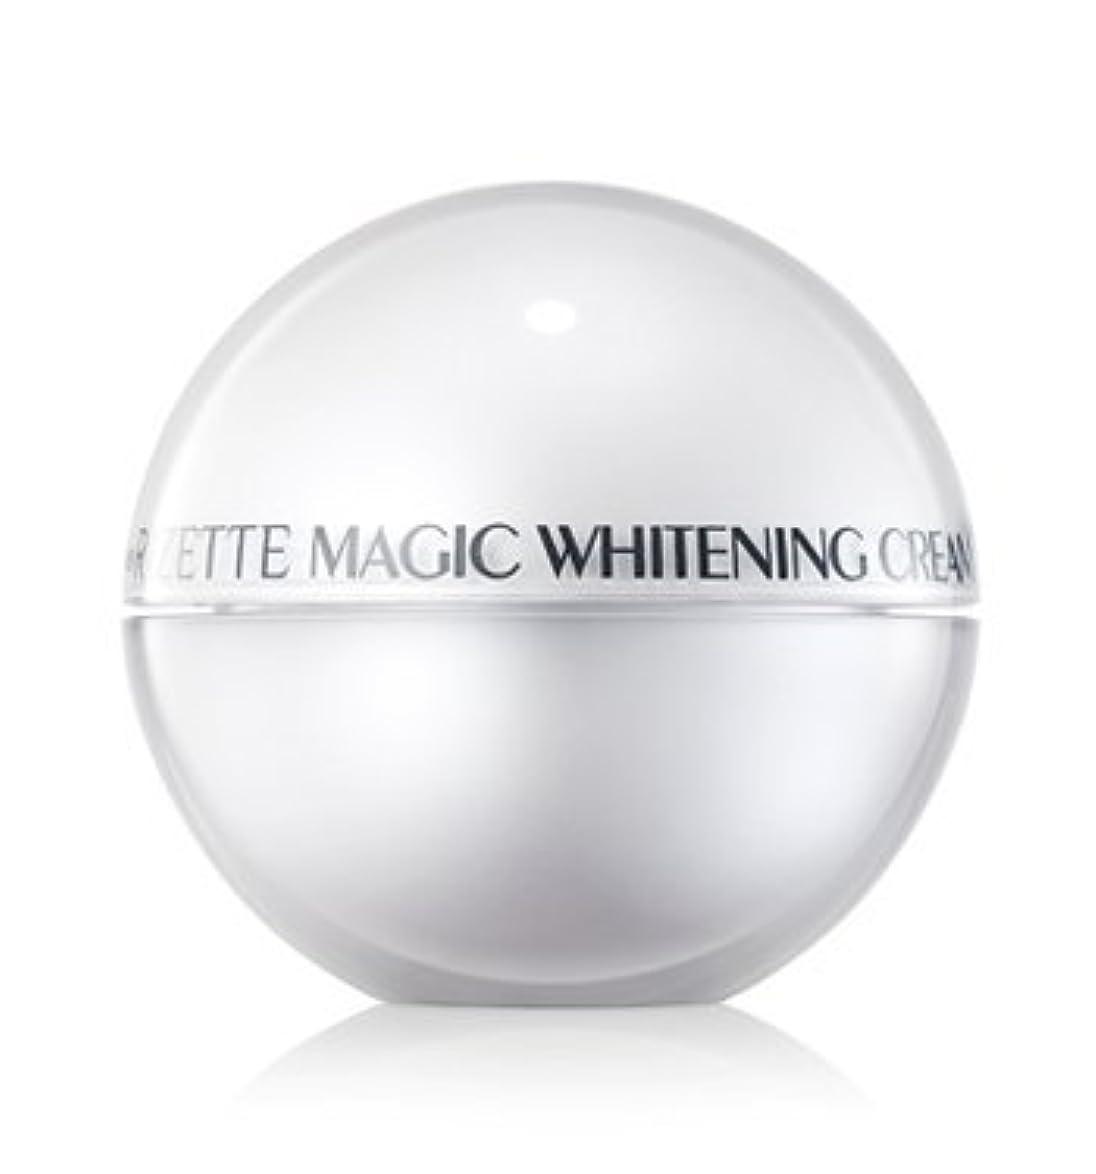 続編維持低いリオエリ(Lioele) Rizette マジック ホワイトニング クリーム プラス/ Lioele Rizette Magic Whitening Cream Plus[並行輸入品]